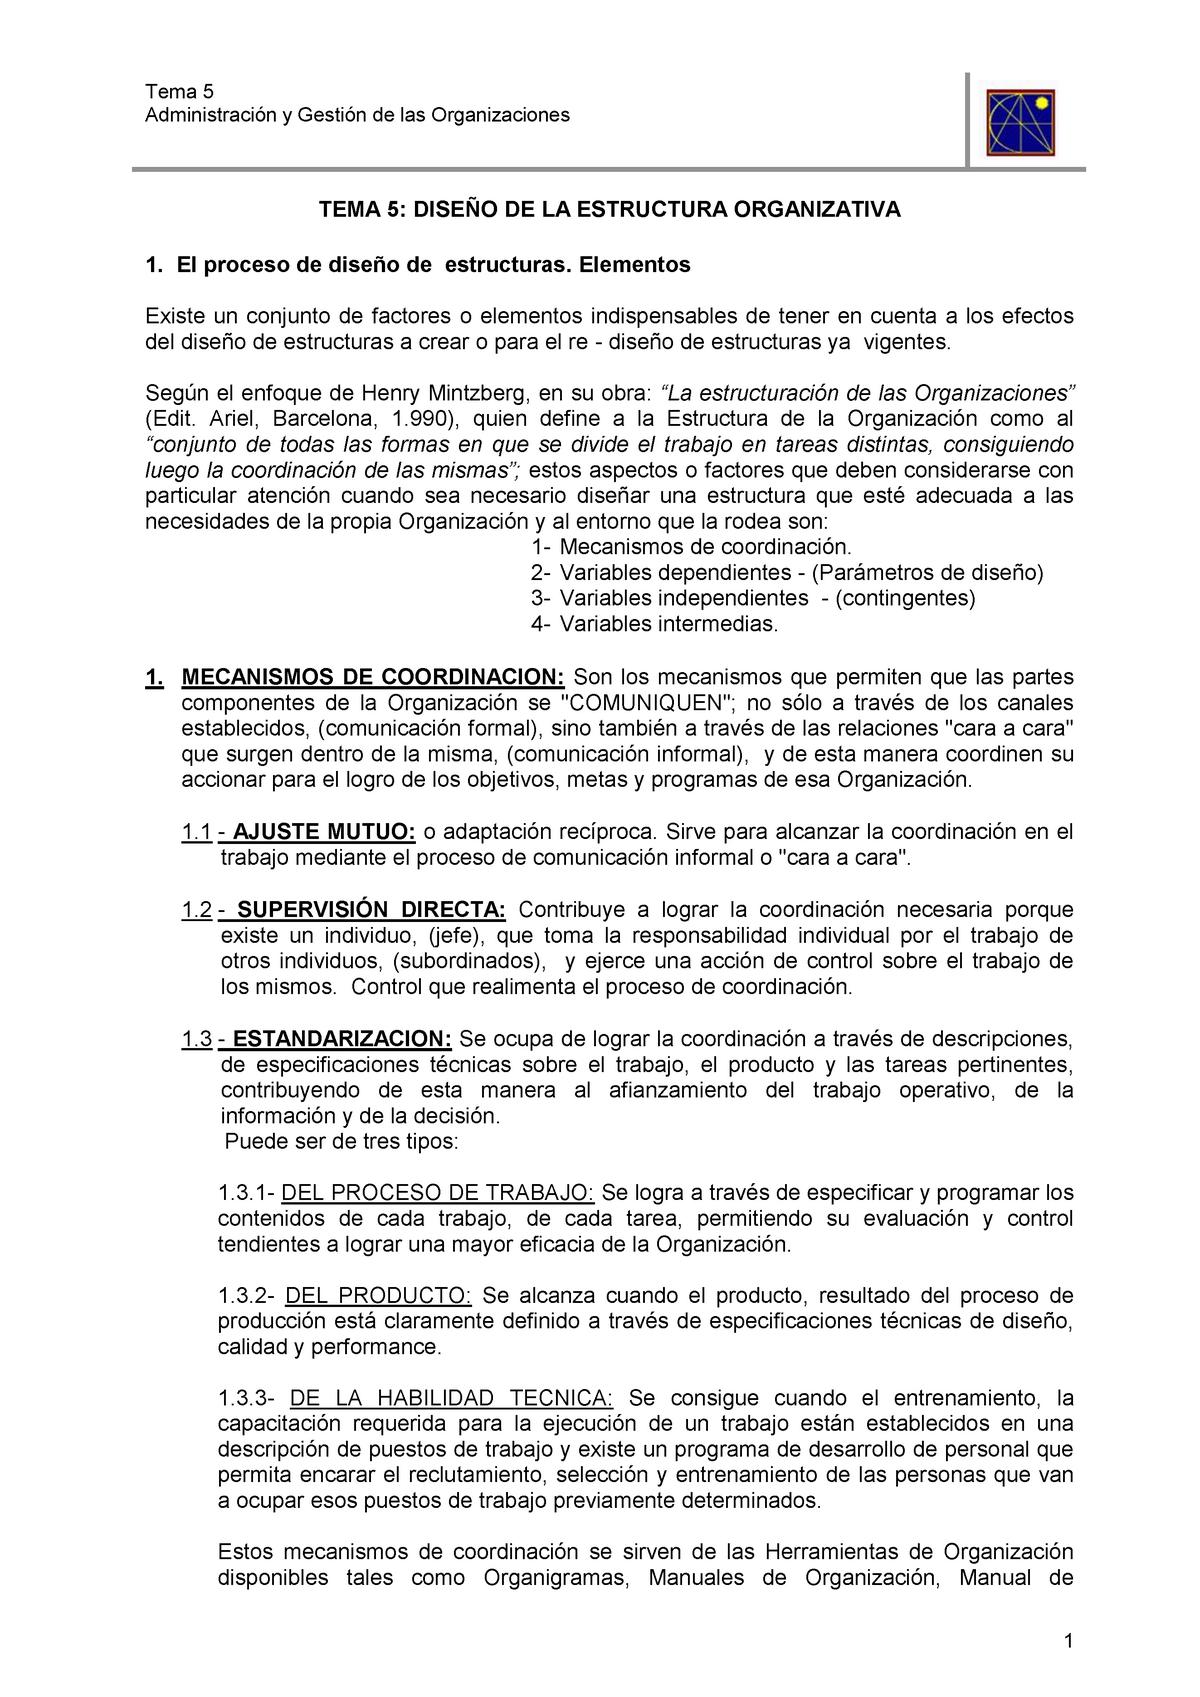 Tema 5 Diseño De La Estructura Organizativa Unne Studocu